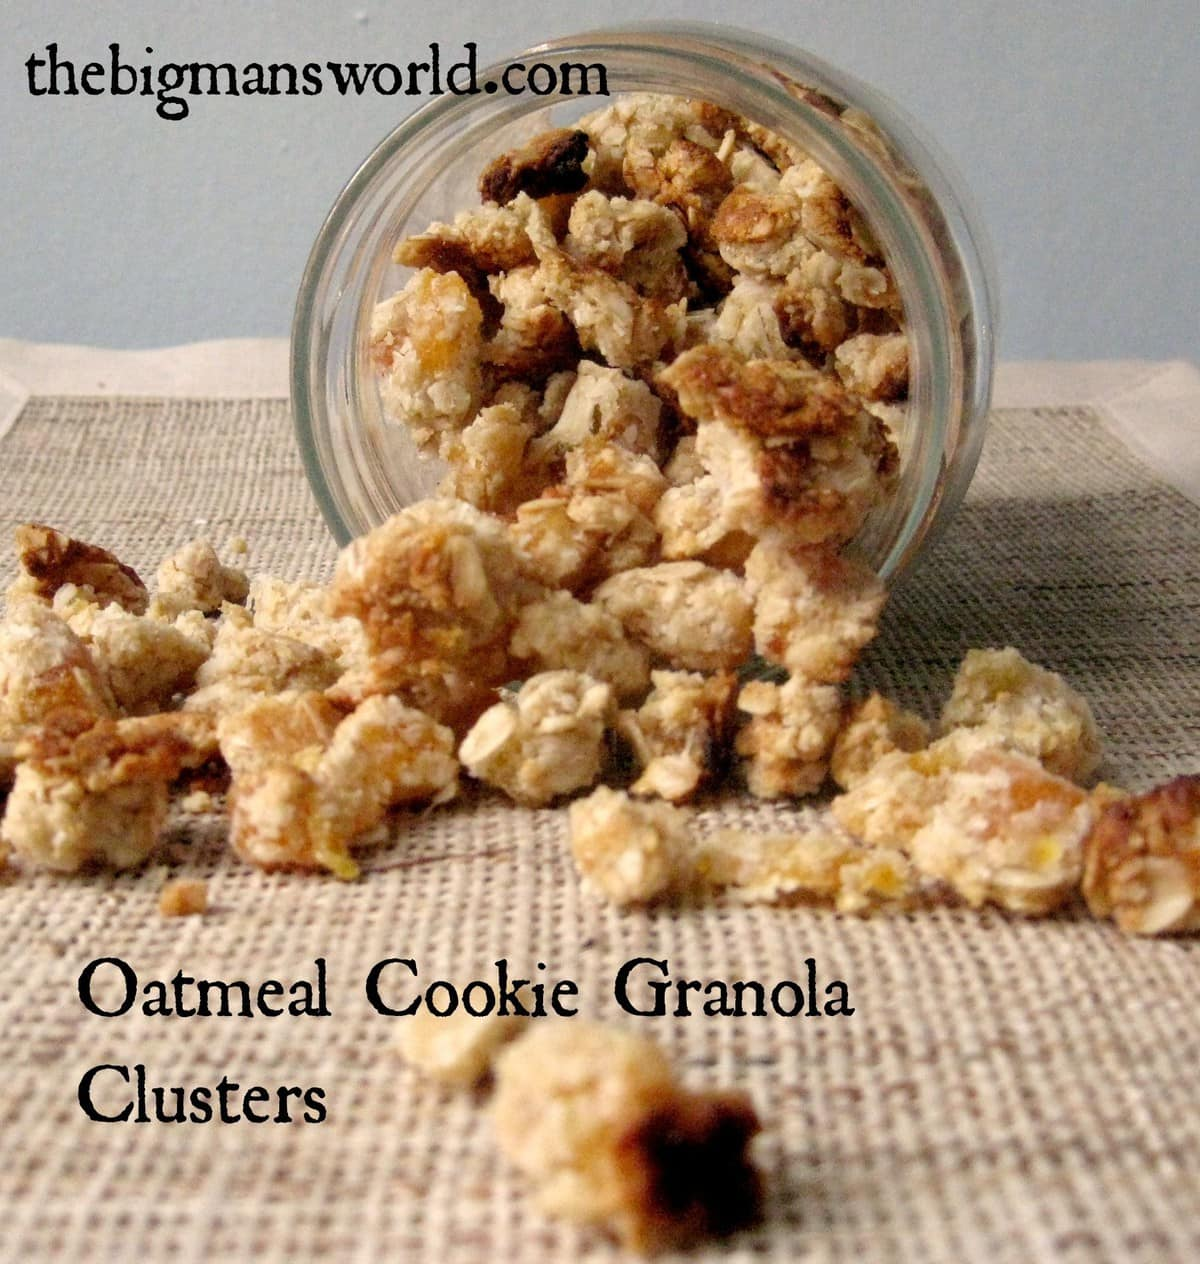 oatmeal-cookie-granola-clusters.jpg.jpg